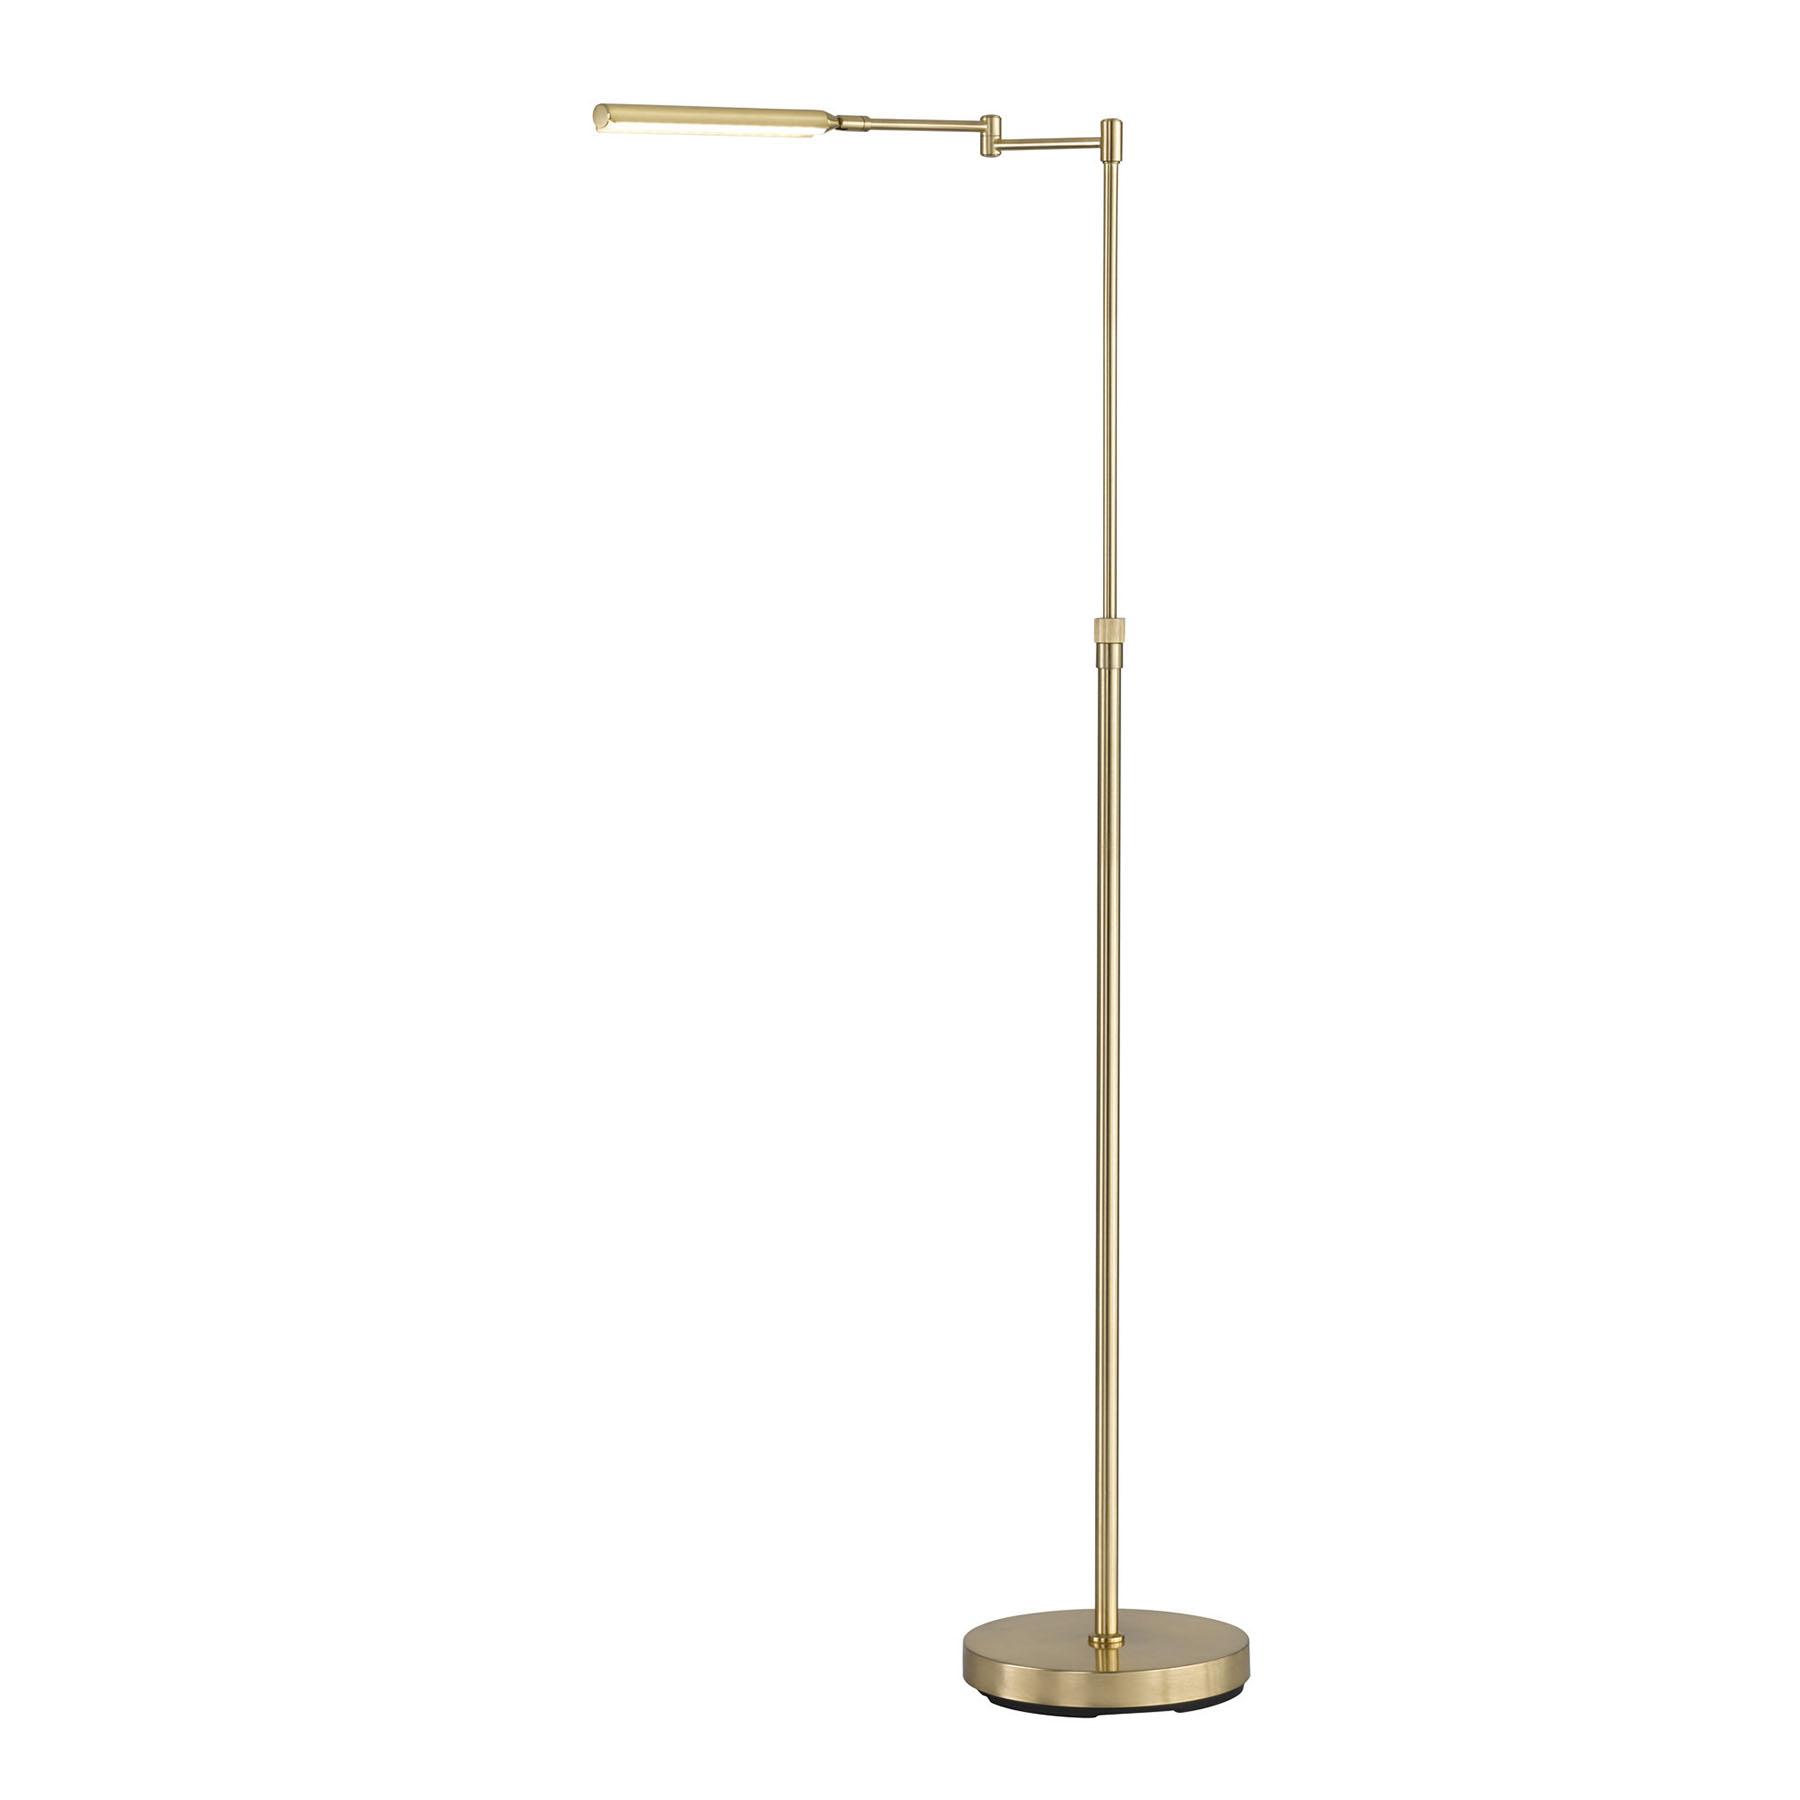 Lampa stojąca LED Nami ściemniacz, kolory mosiądzu